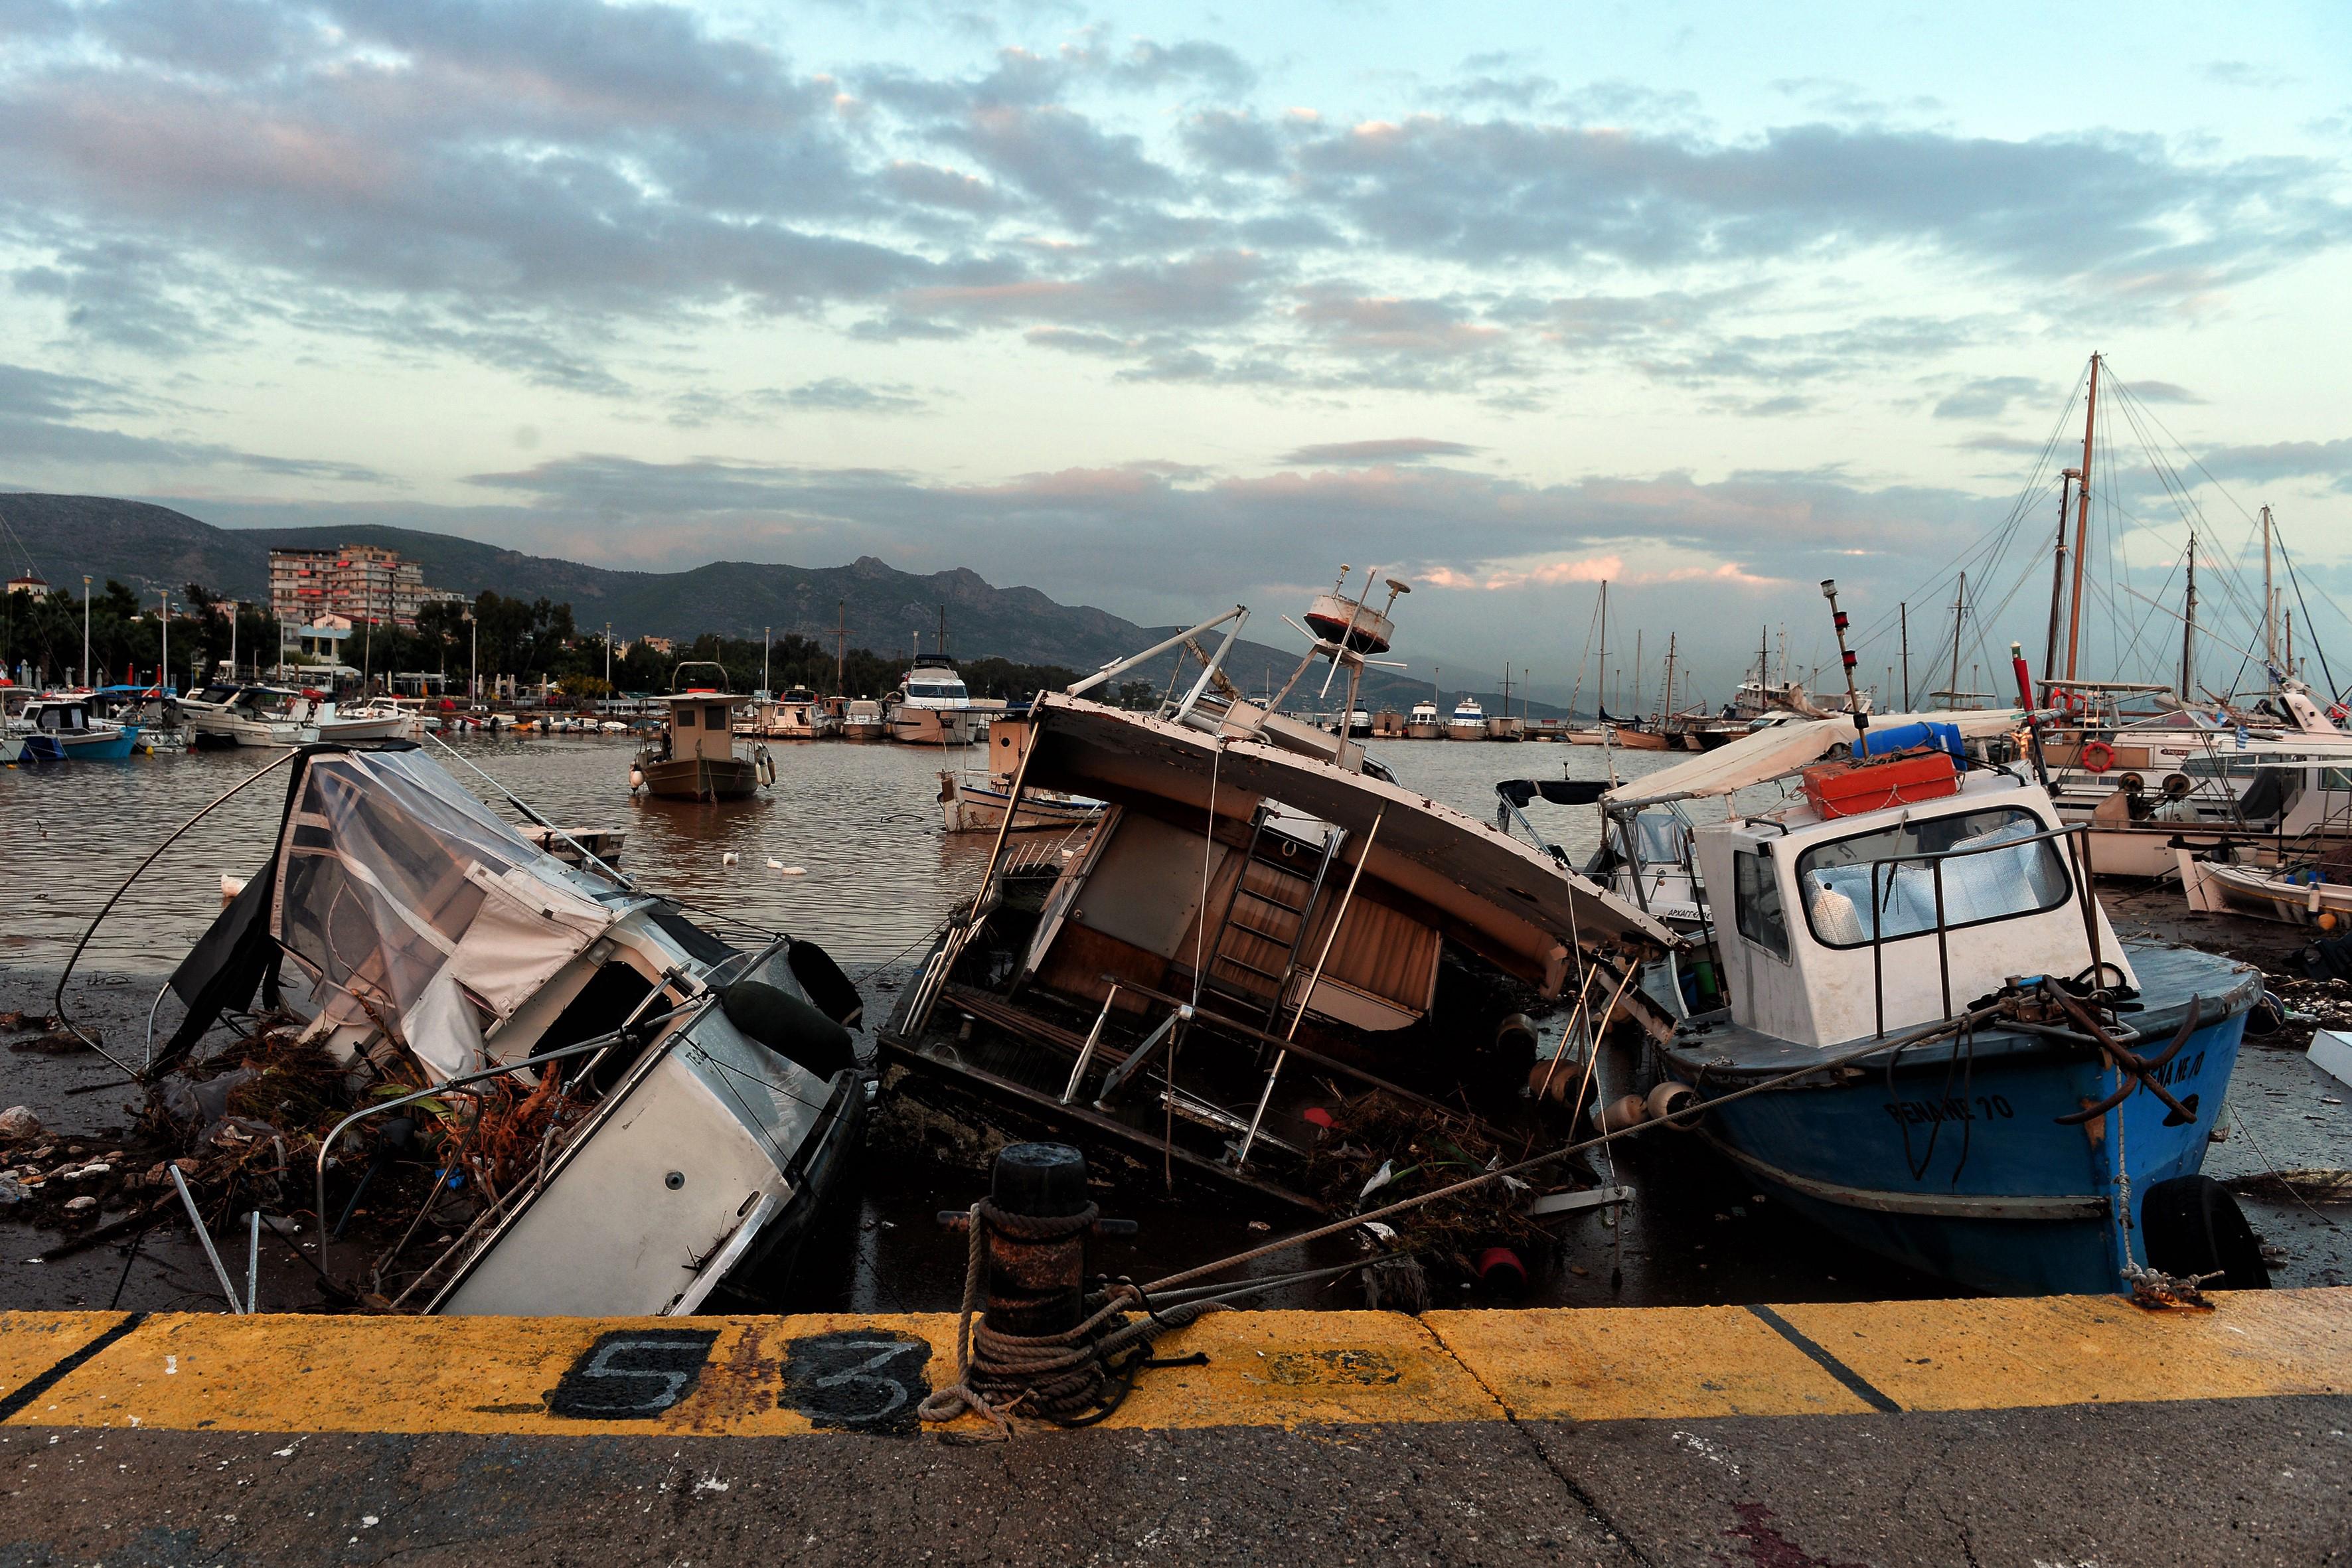 Barcos dañados en el puerto de Nea Peramos (AFP/ VALERIE GACHE)